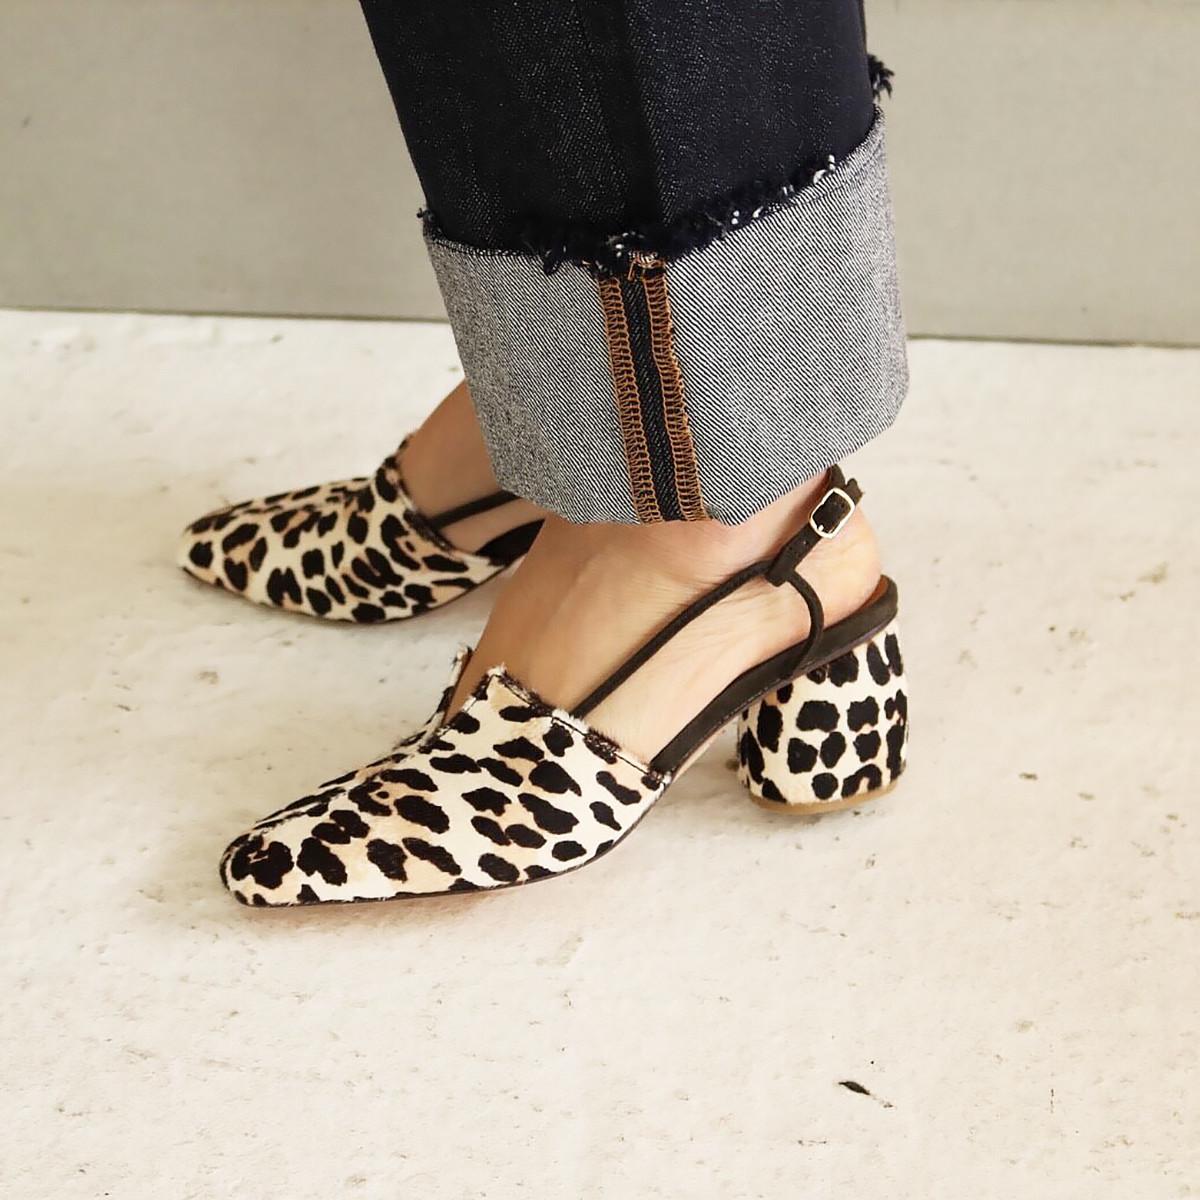 Leopard Slit Pumps